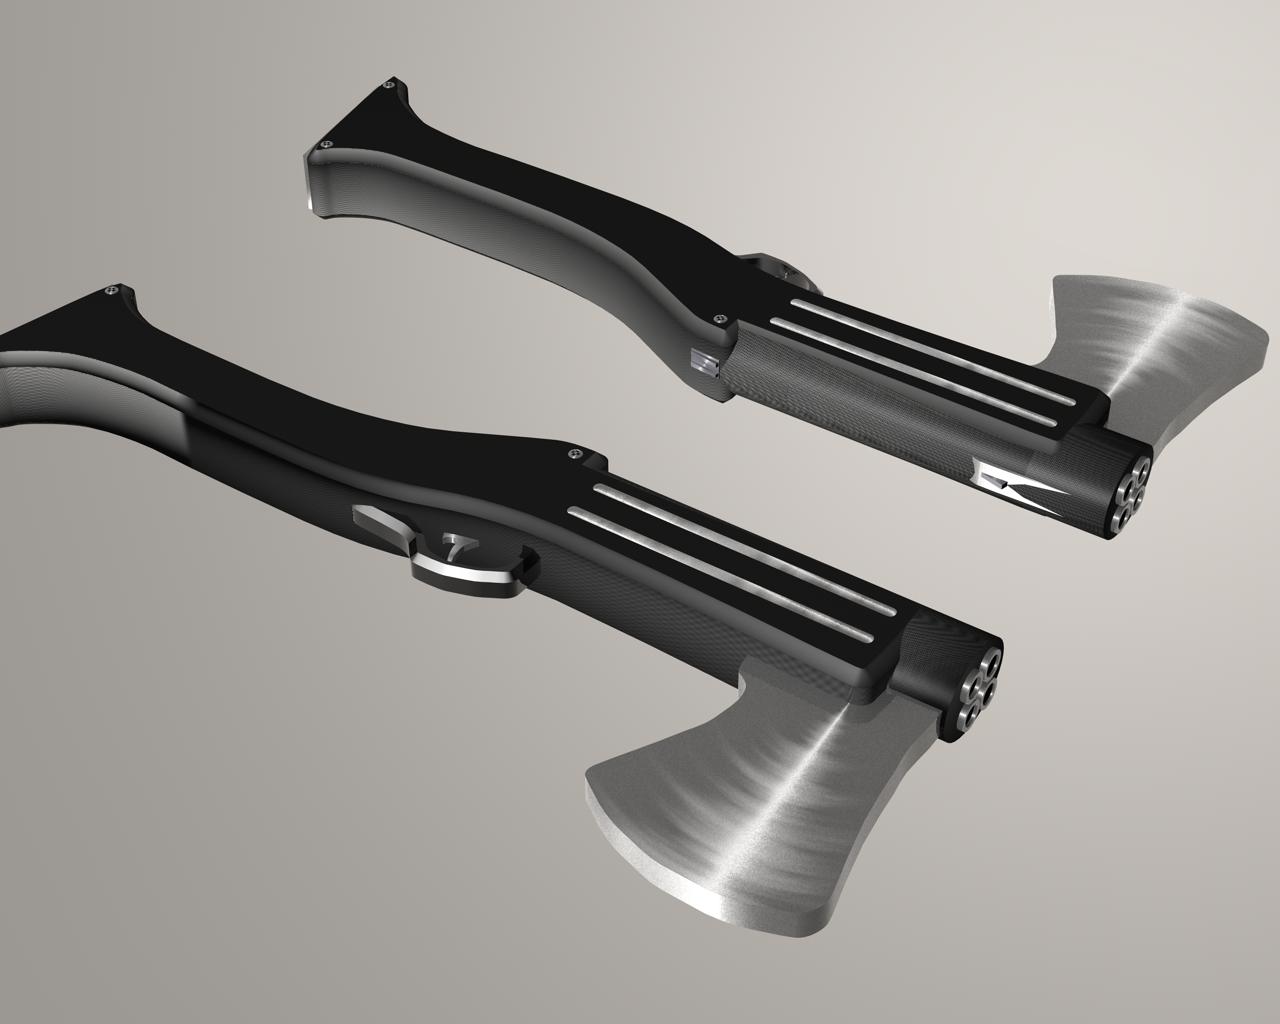 http://orig04.deviantart.net/3664/f/2011/095/2/4/quad_barreled_axe_shotgun_by_drusan13-d3dbcx0.jpg